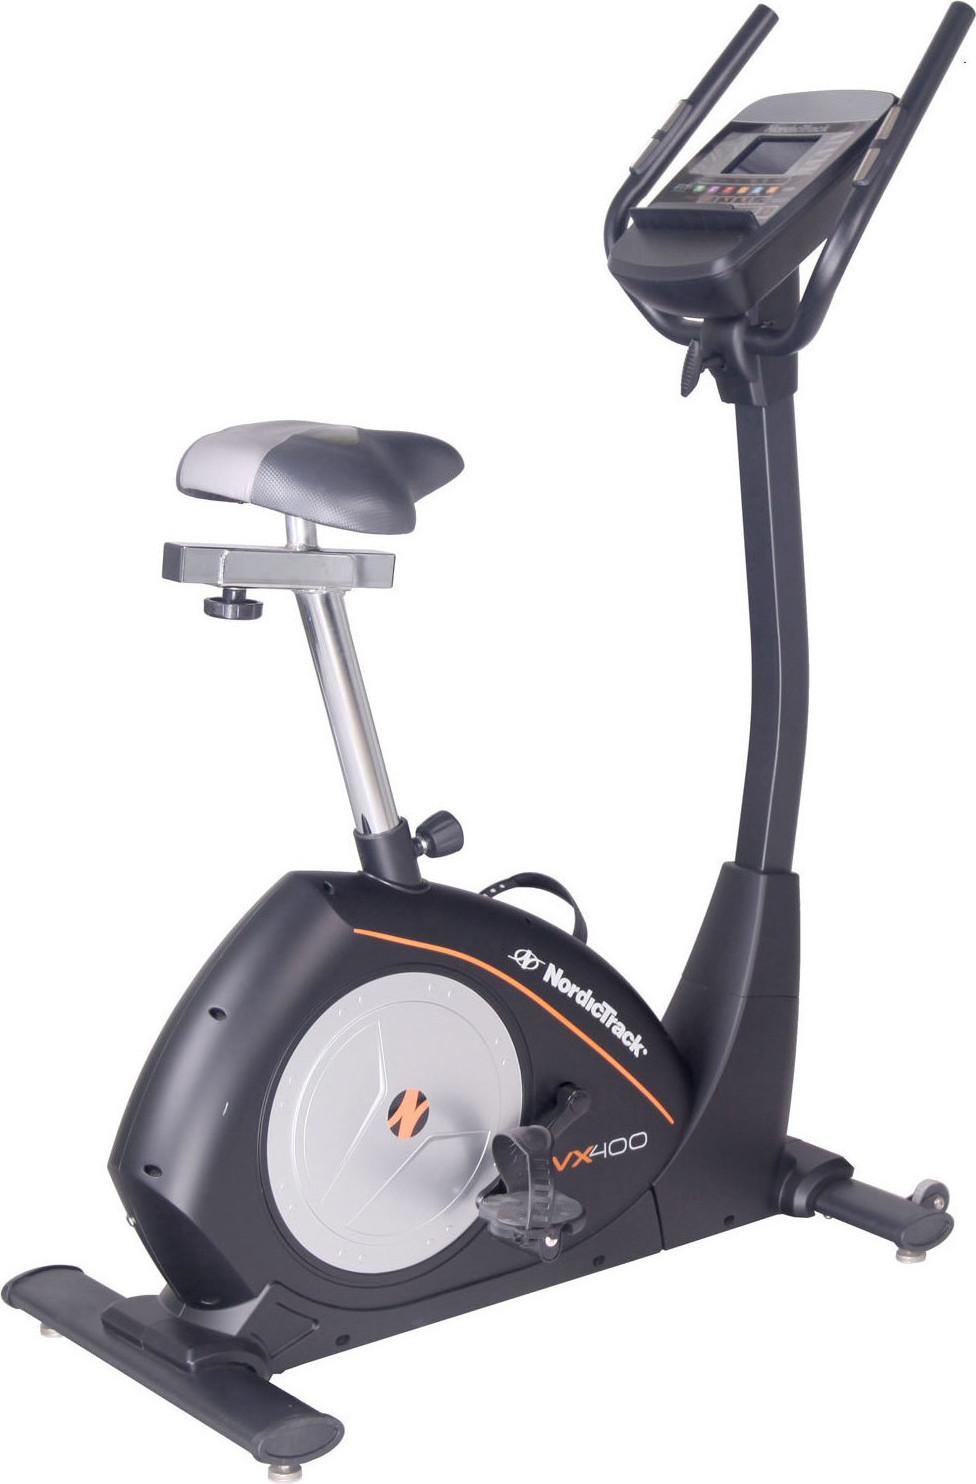 Велотренажер NORDICTRACK VX 400